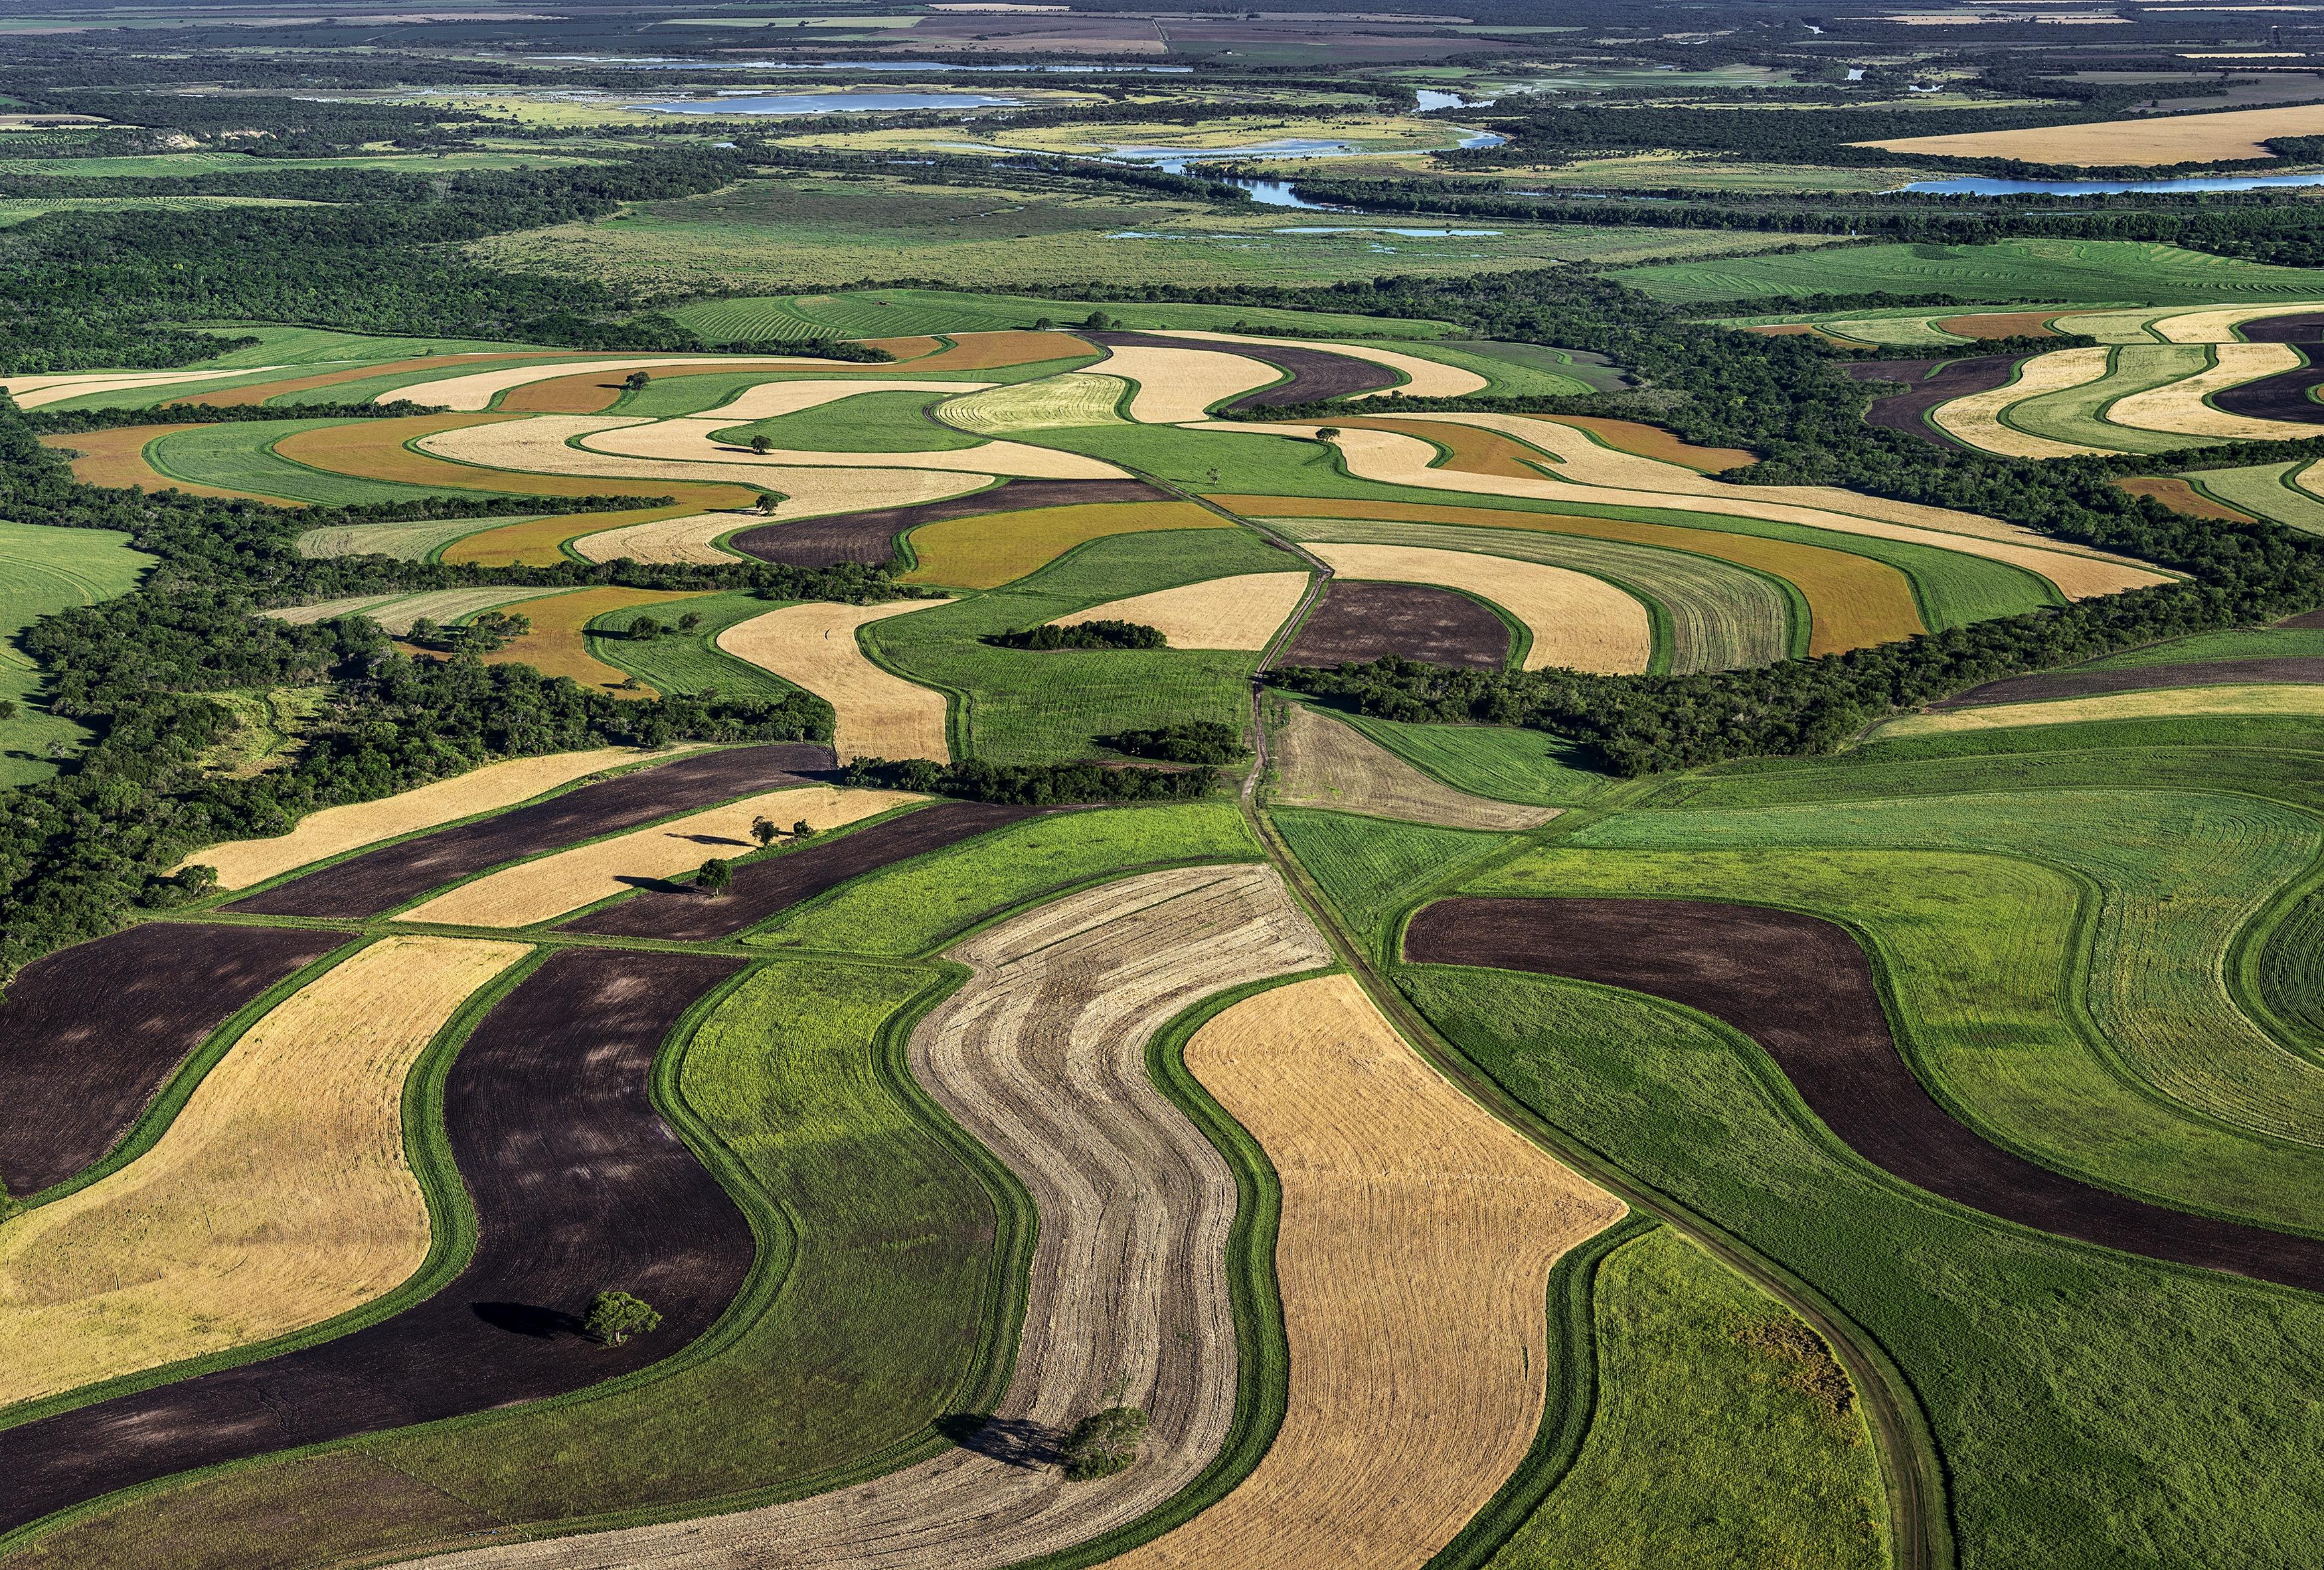 Erste Webinar-Reihe zur »Aufbauenden Landwirtschaft« – 12 Webinare, 12 Praktiker berichten